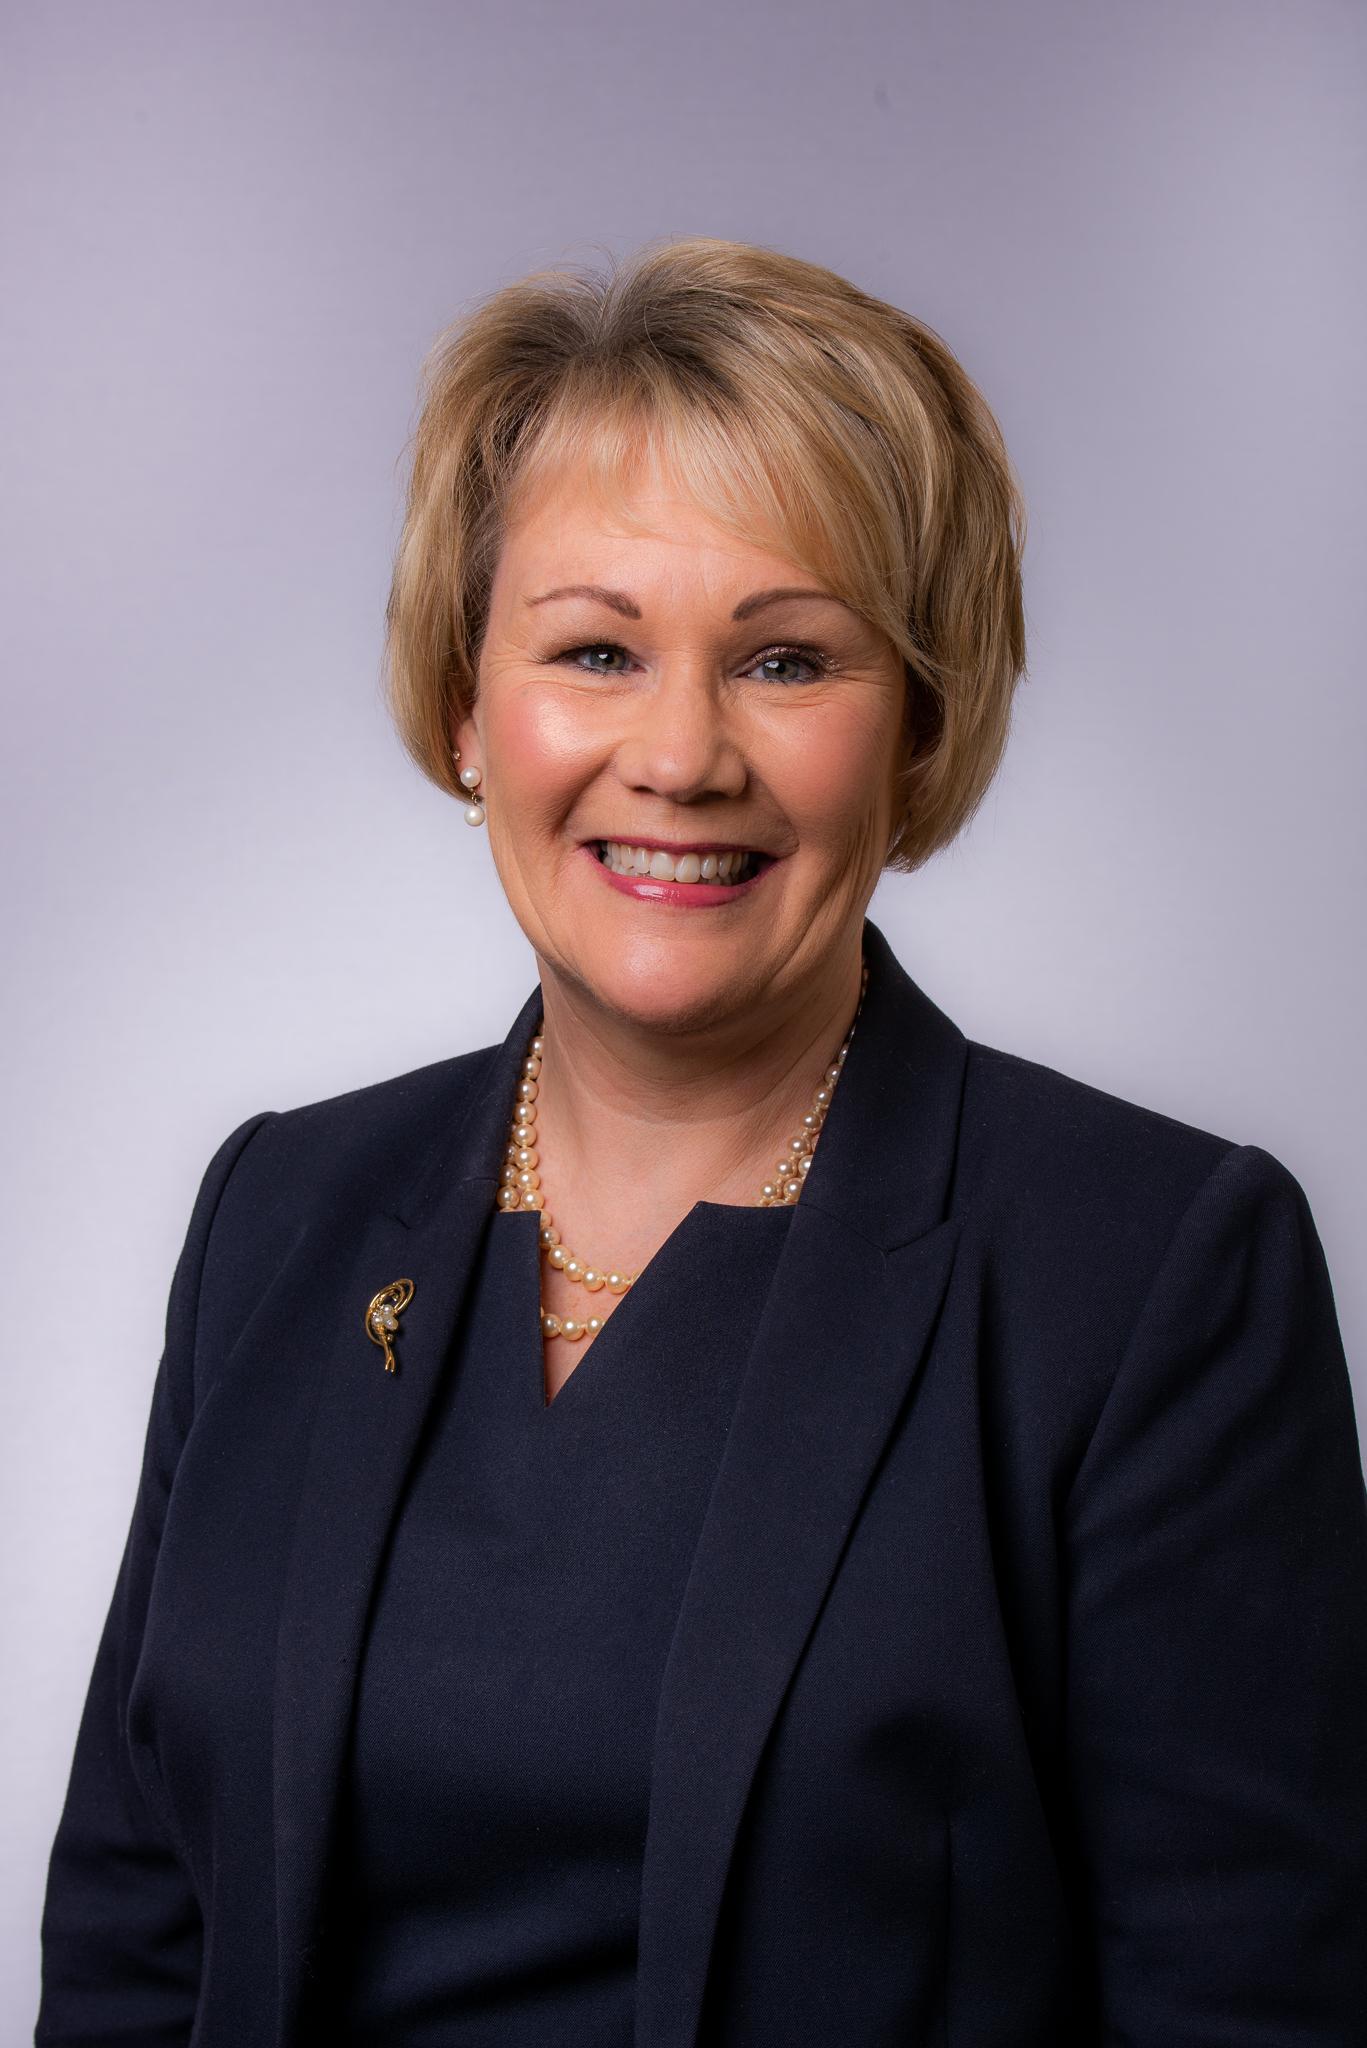 Paula Timmins